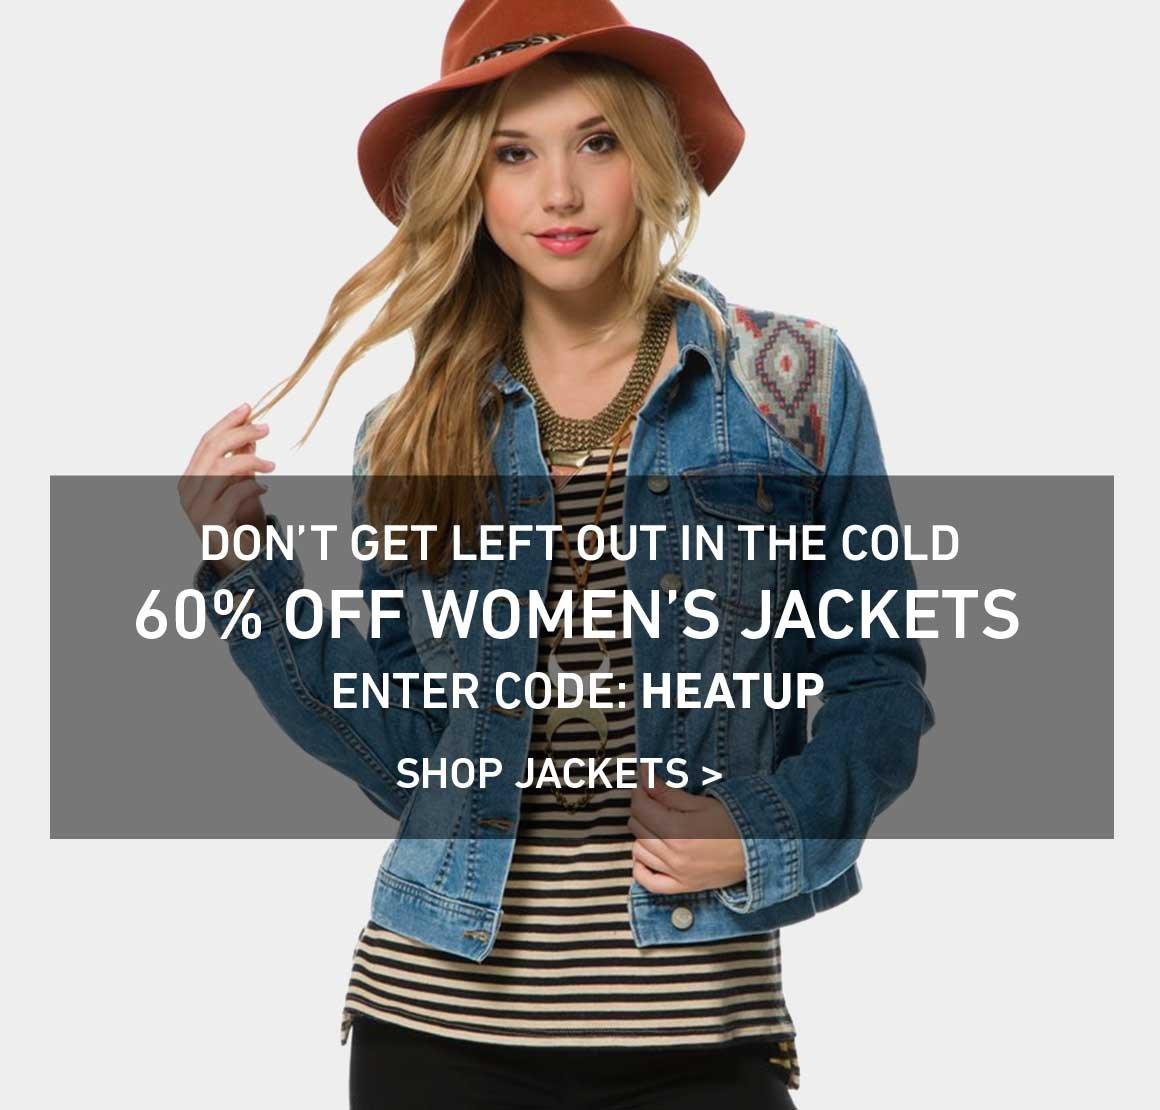 60% Off Women's Jackets!